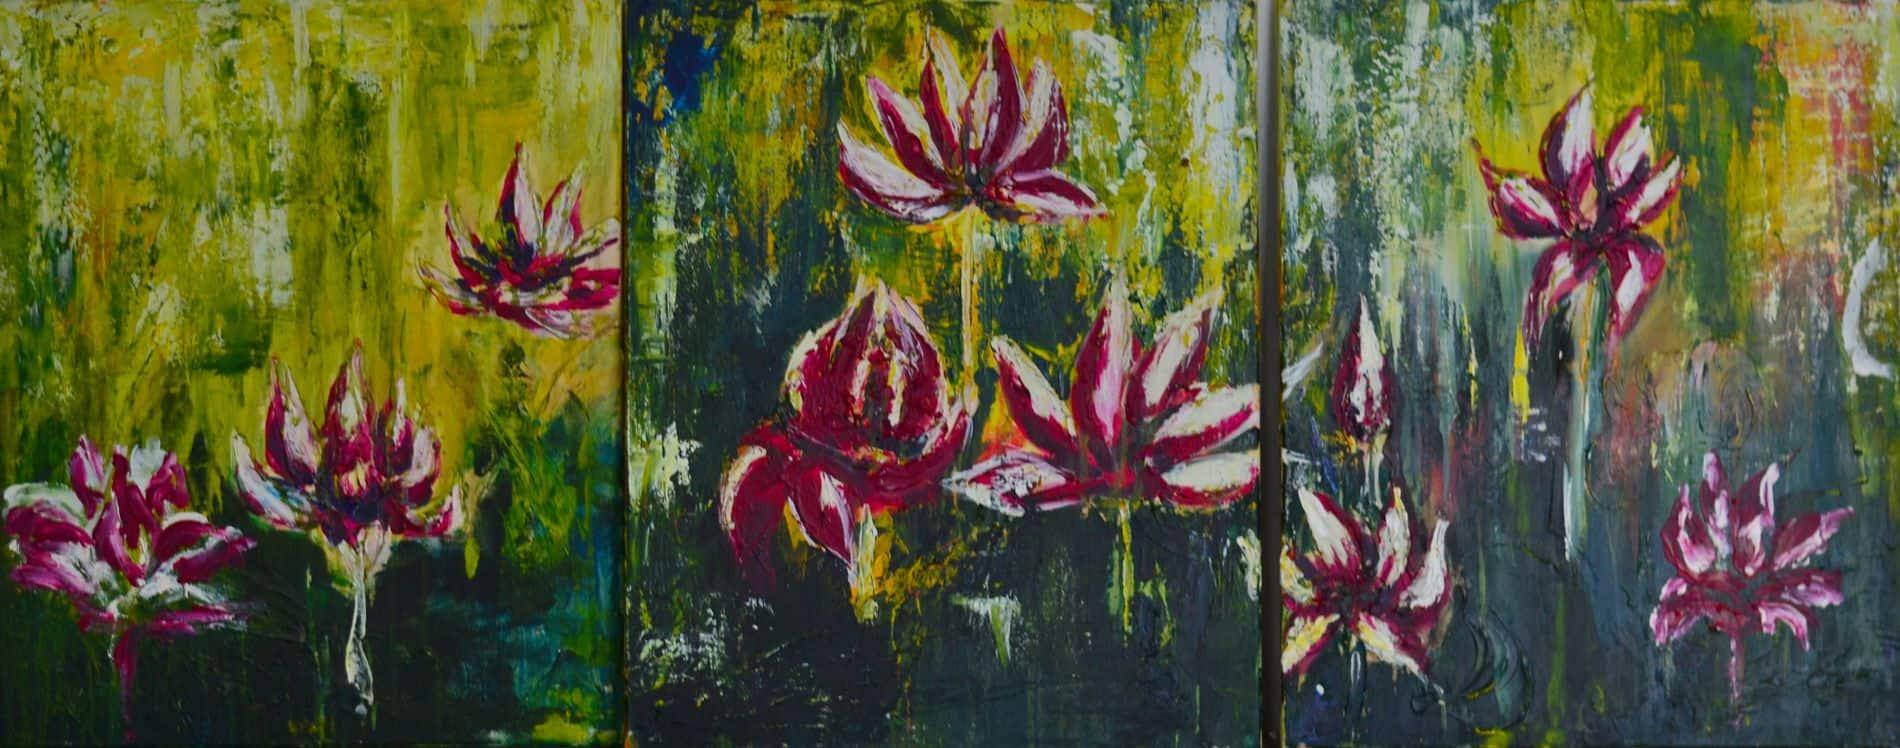 mauritius-arts-jessie-gooriah-3